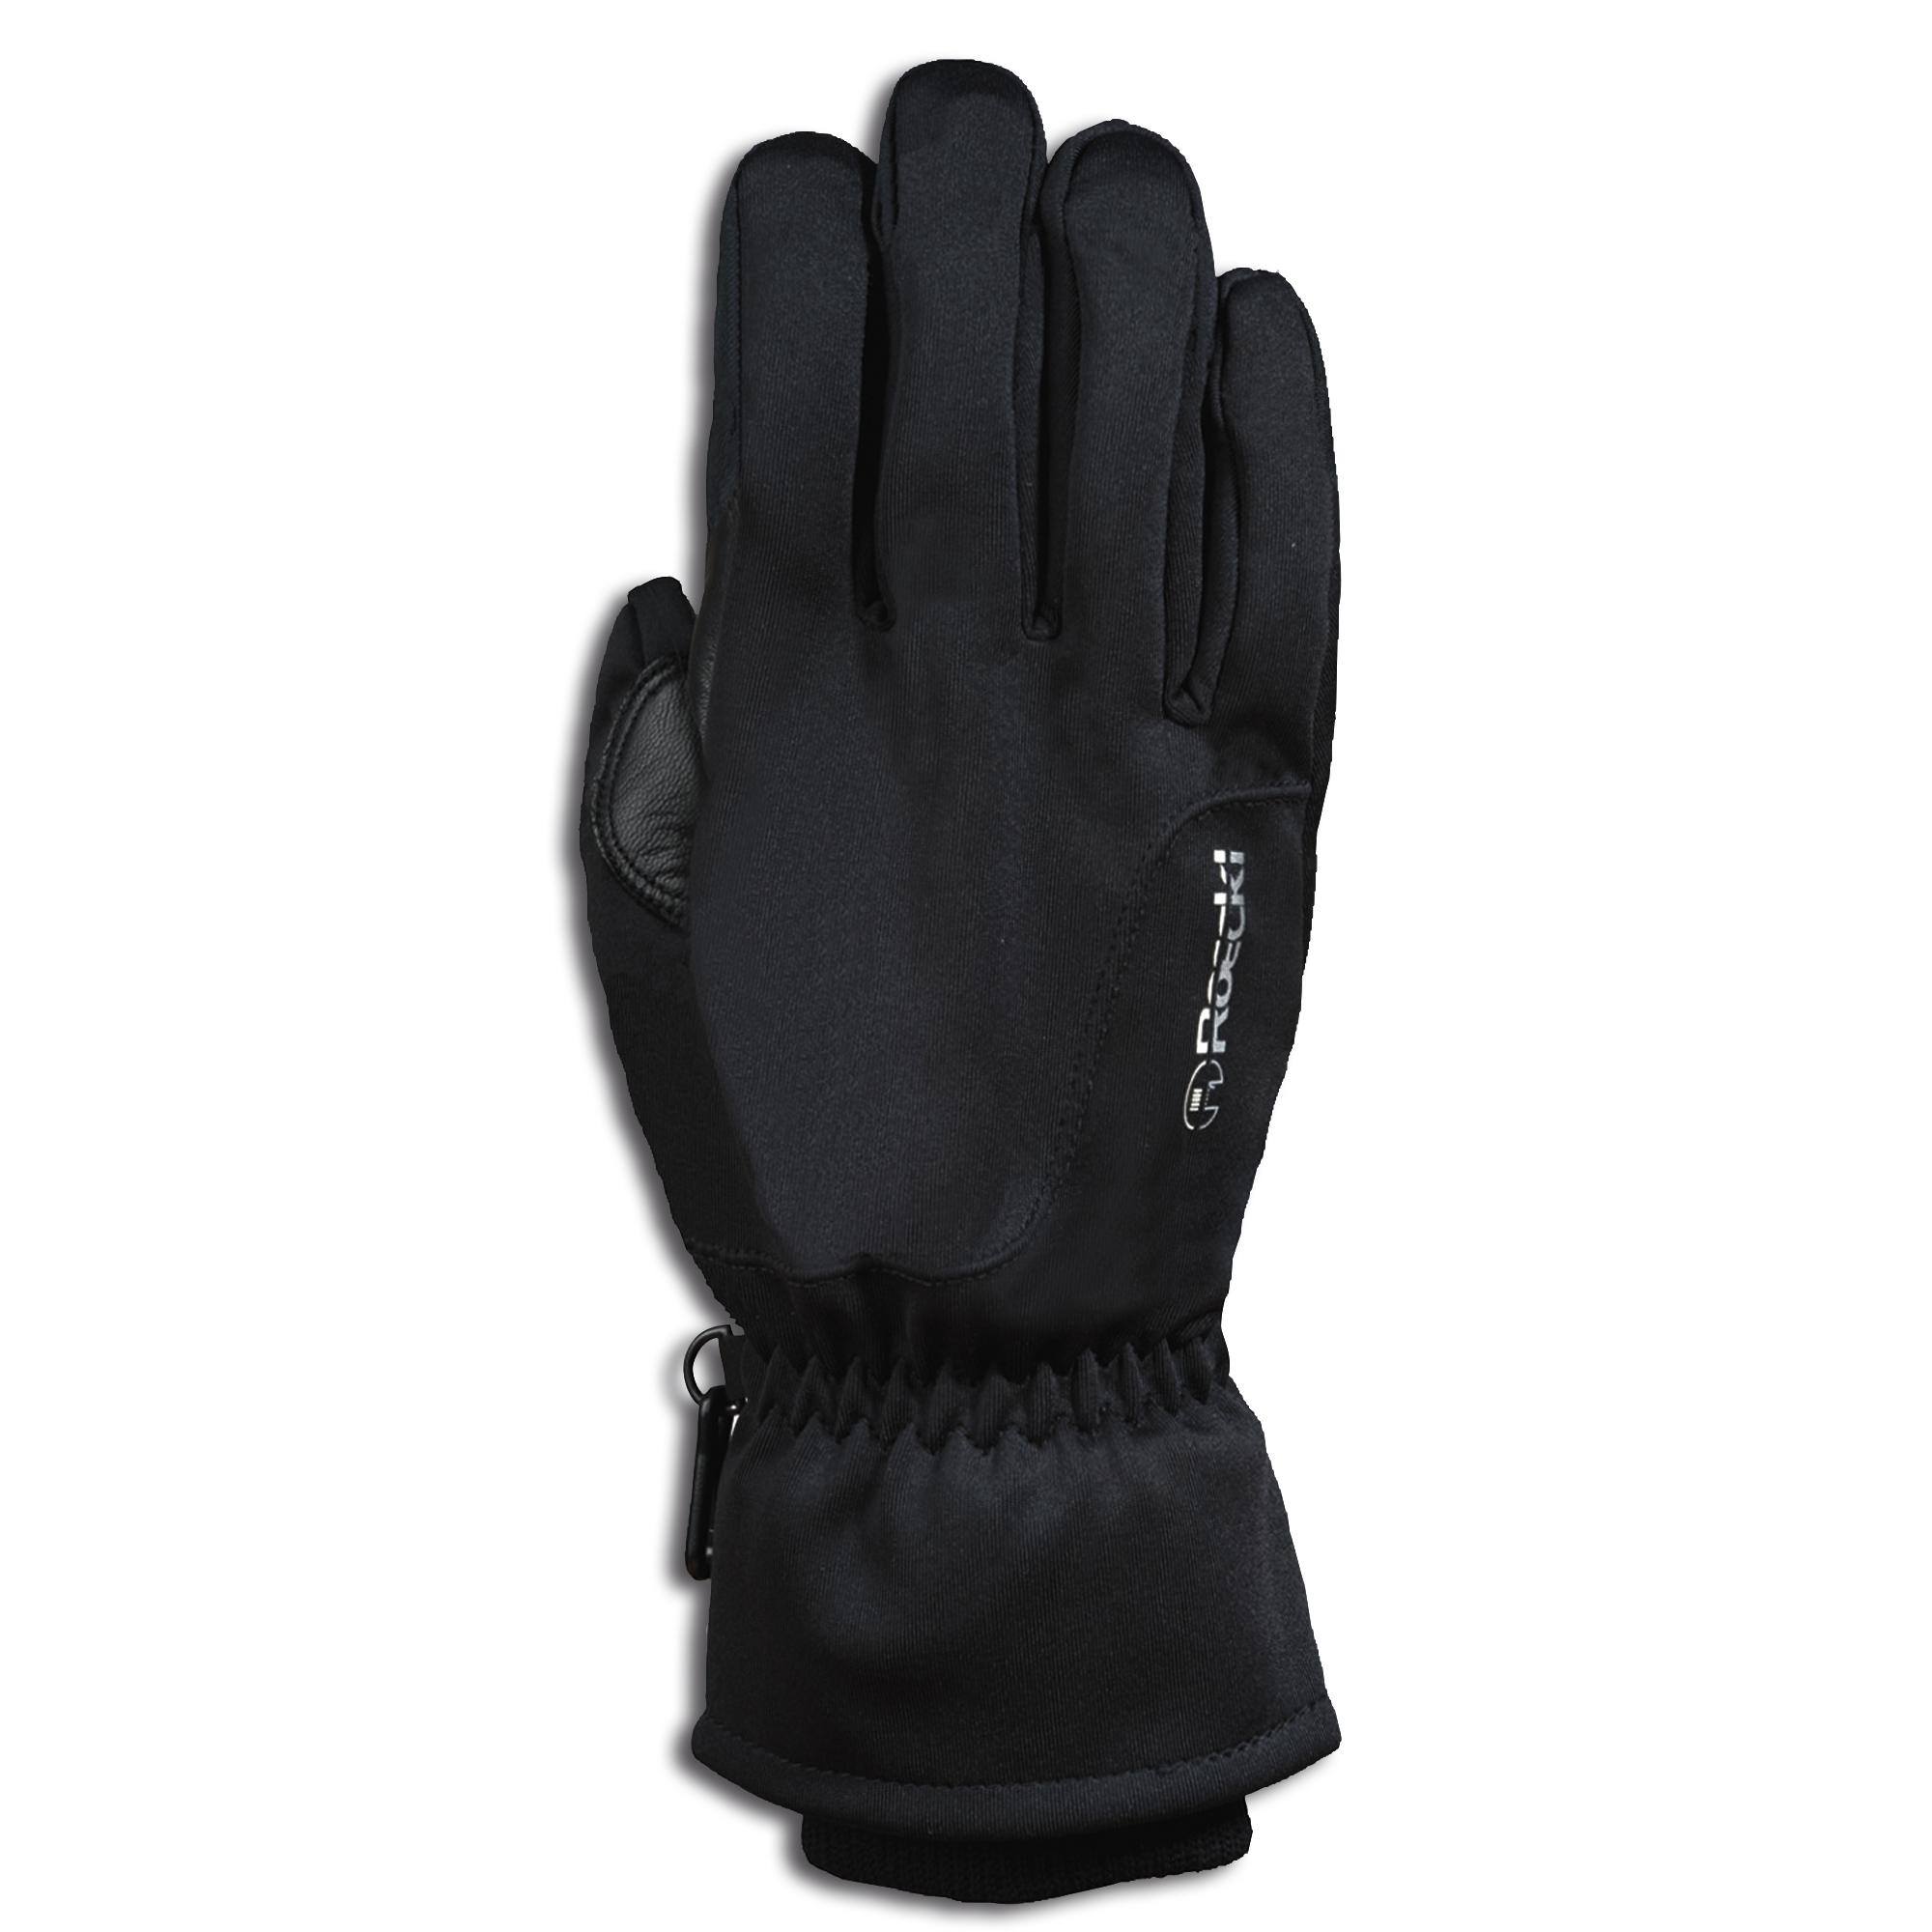 Handschuhe Roeckl Koussi schwarz